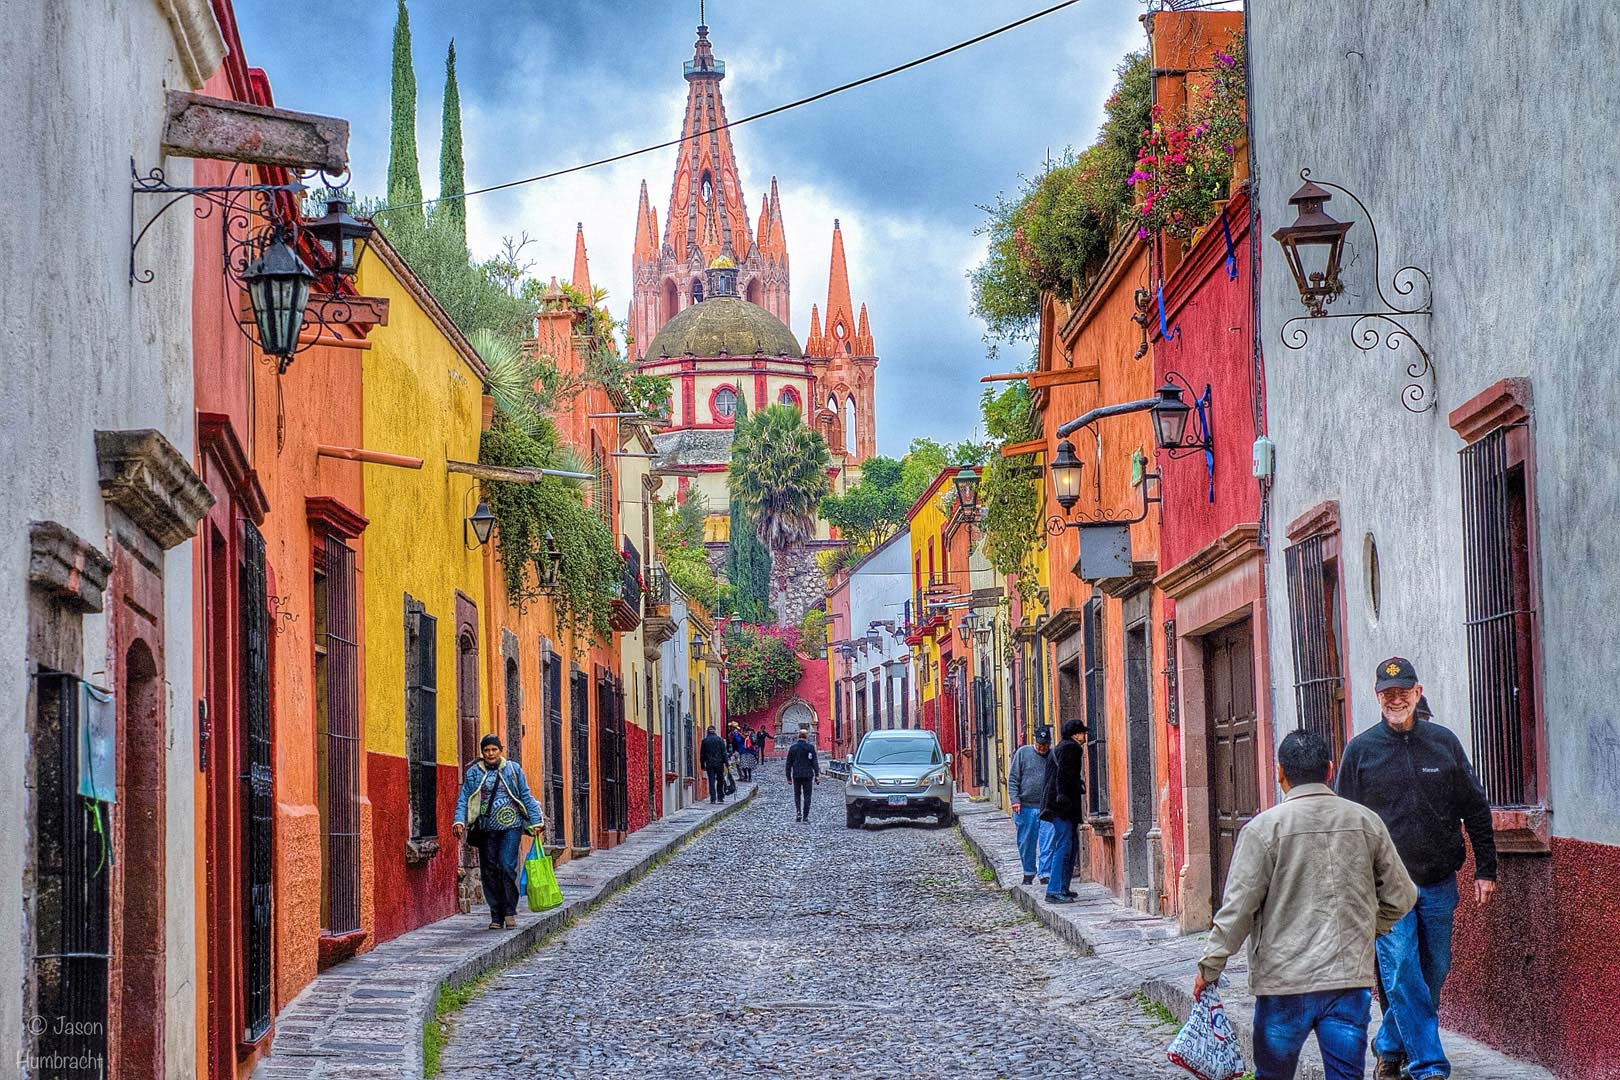 Personas caminando por una calle de San Miguel de Allende